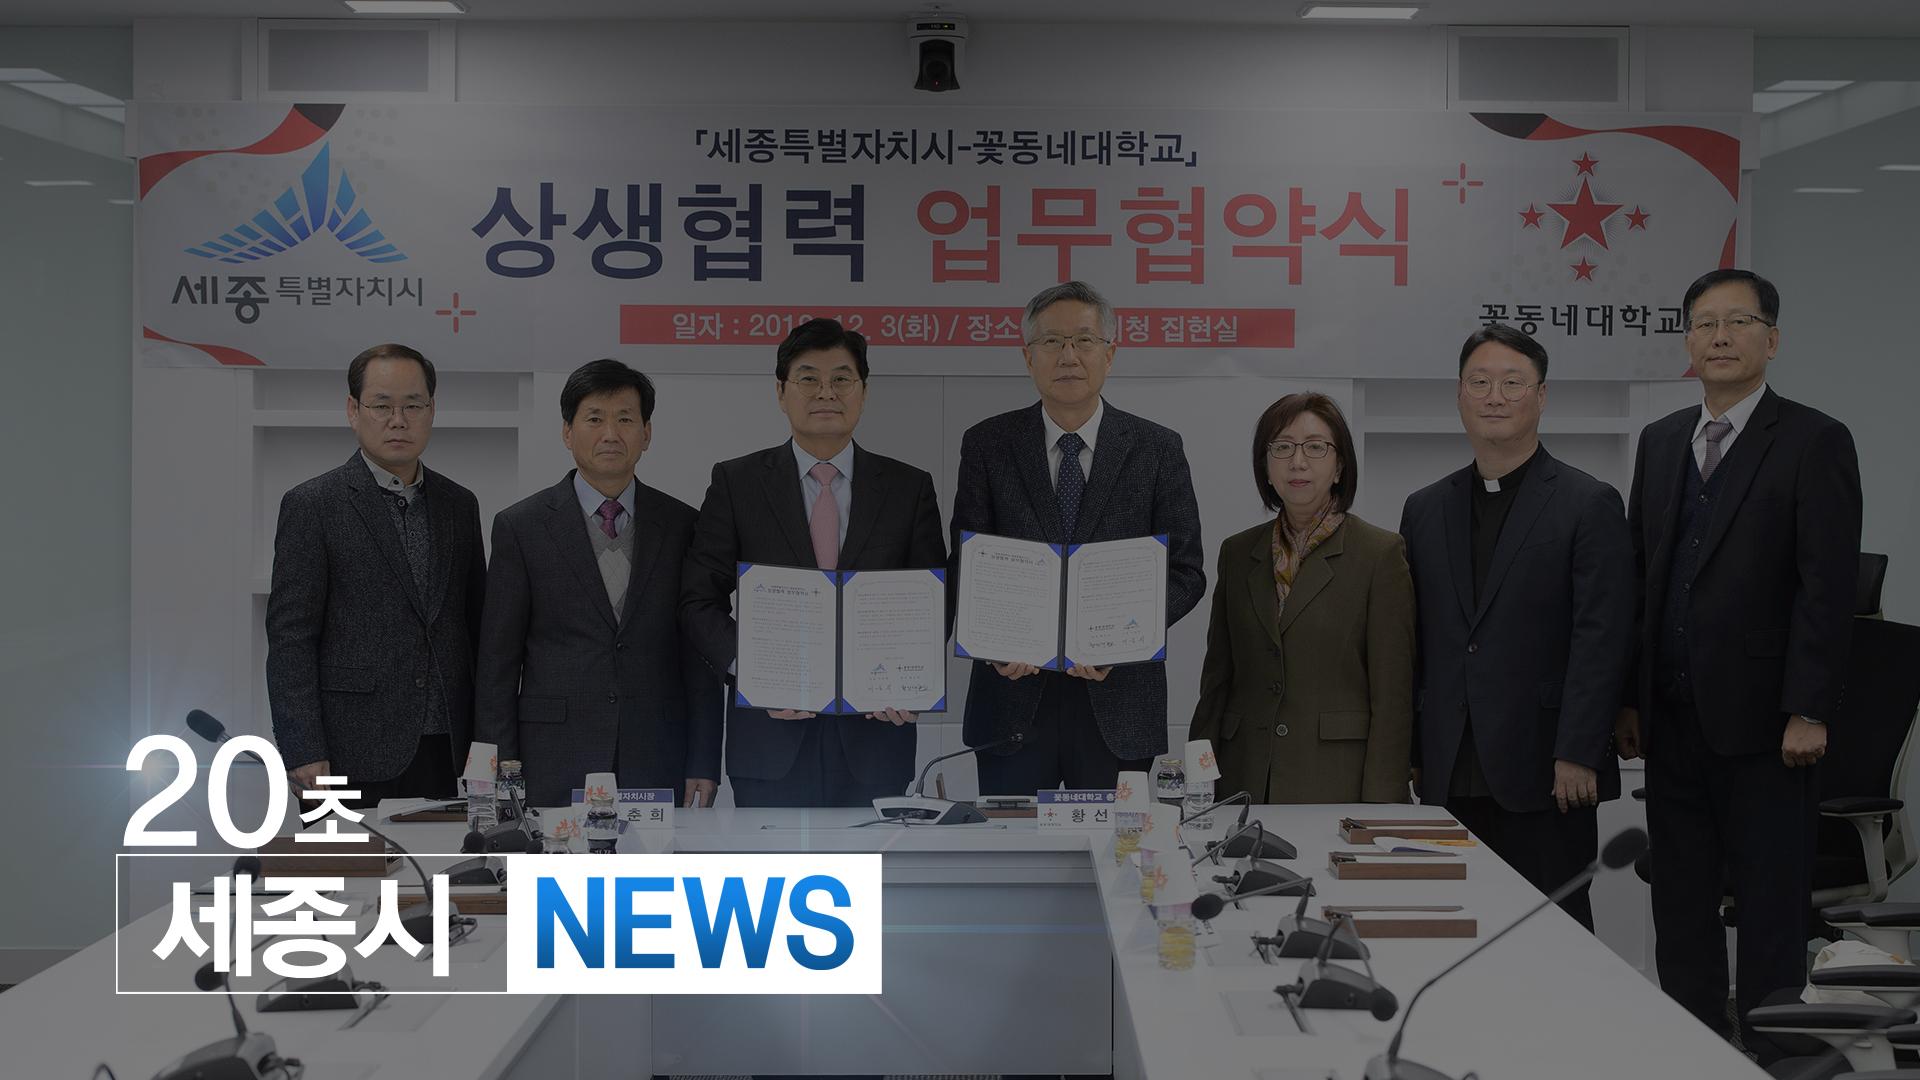 <20초뉴스> 세종시-꽃동네대학교 상생협력 업무협약 체결